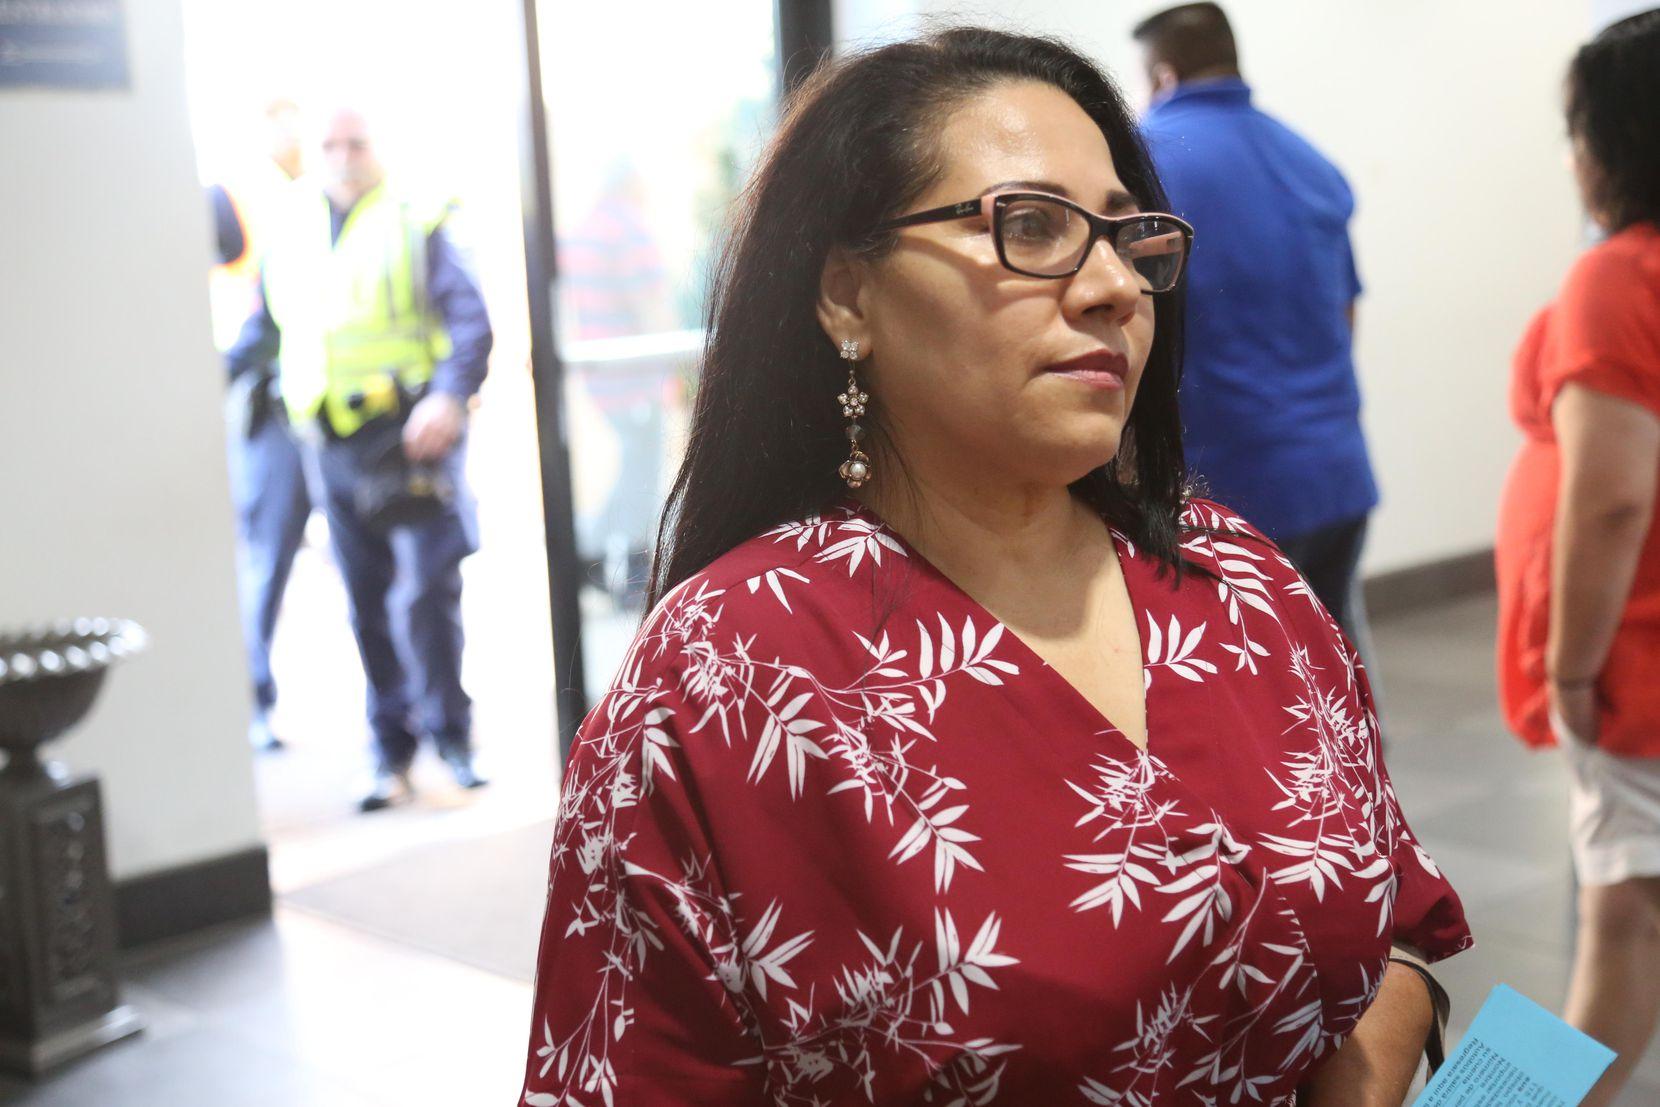 Maria de Jesús Fuerte ha optado por no usar servicios públicos federales mientras espera su residencia permanente.7, 2018. OBED MANUEL/DMN